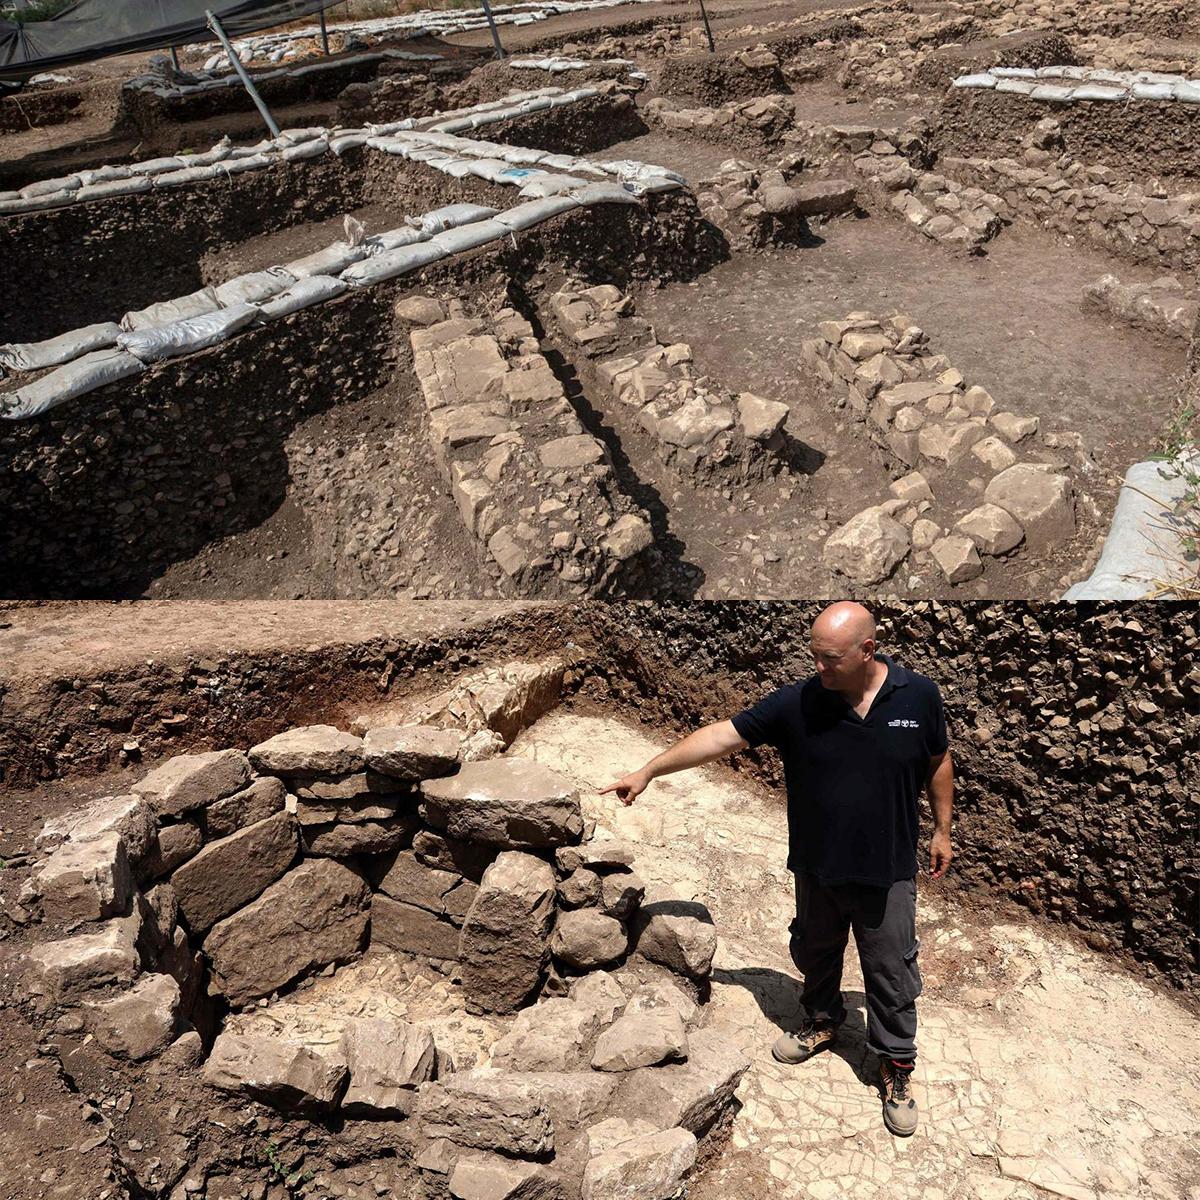 A Motza, in Israele a 5 km a nord-ovest di Gerusalemme, la scoperta di una metropoli neolitica di 9.000 anni fa